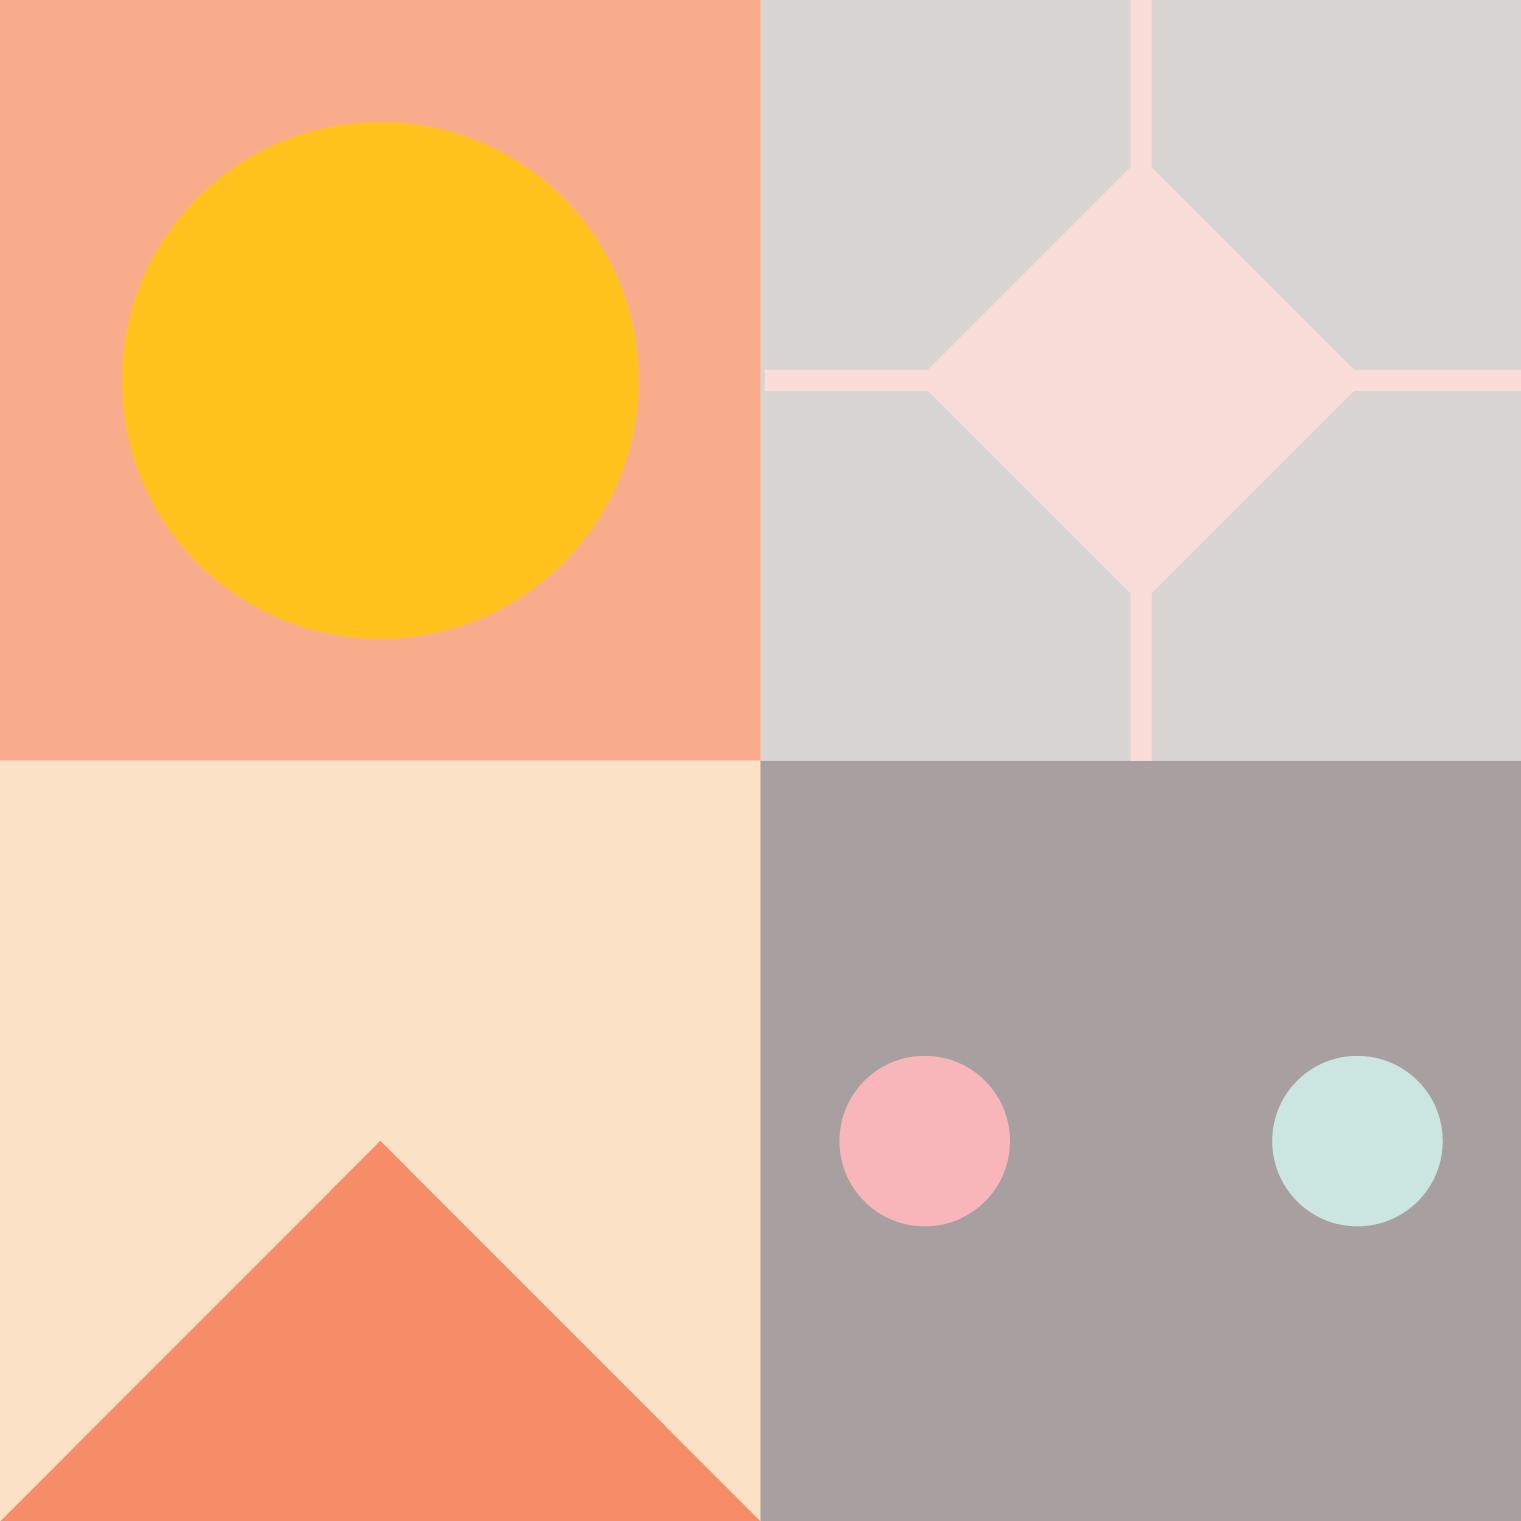 illustration av solen, en fotoelektrisk cell, ett hustak och ett eluttag